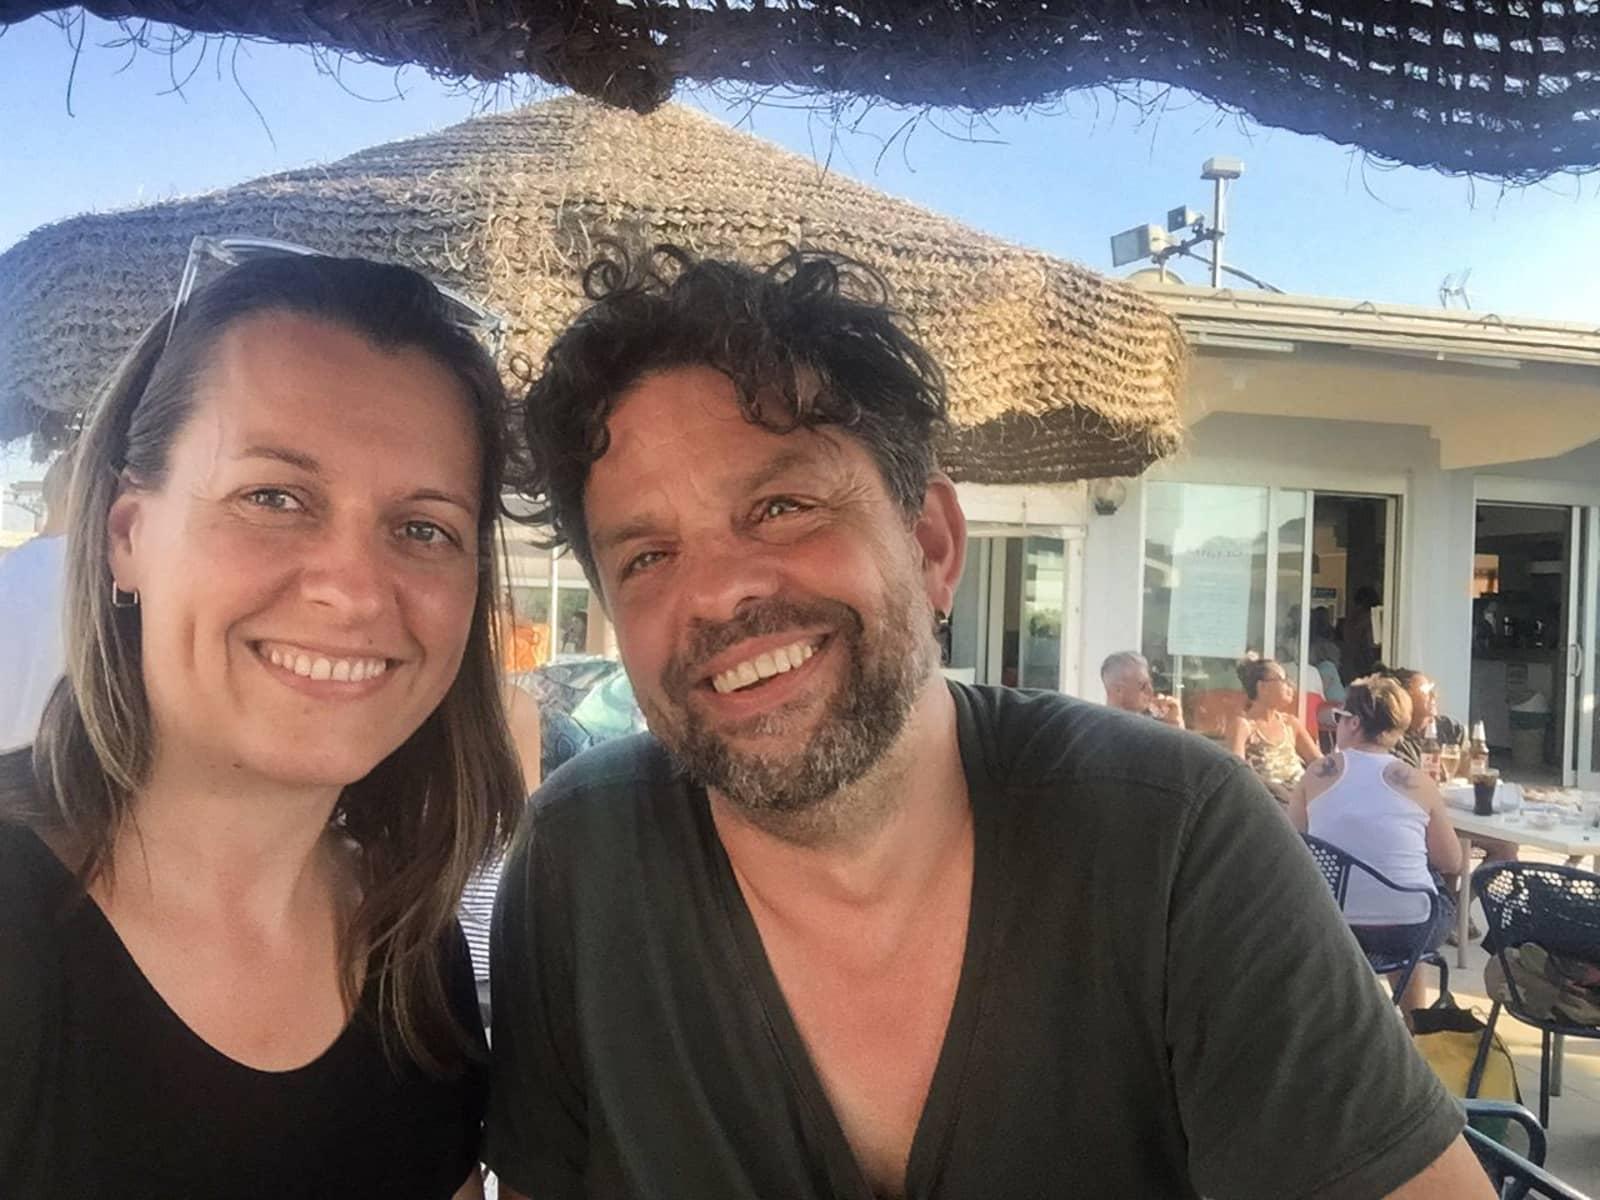 Sandra & Phaedro from Berlin, Germany